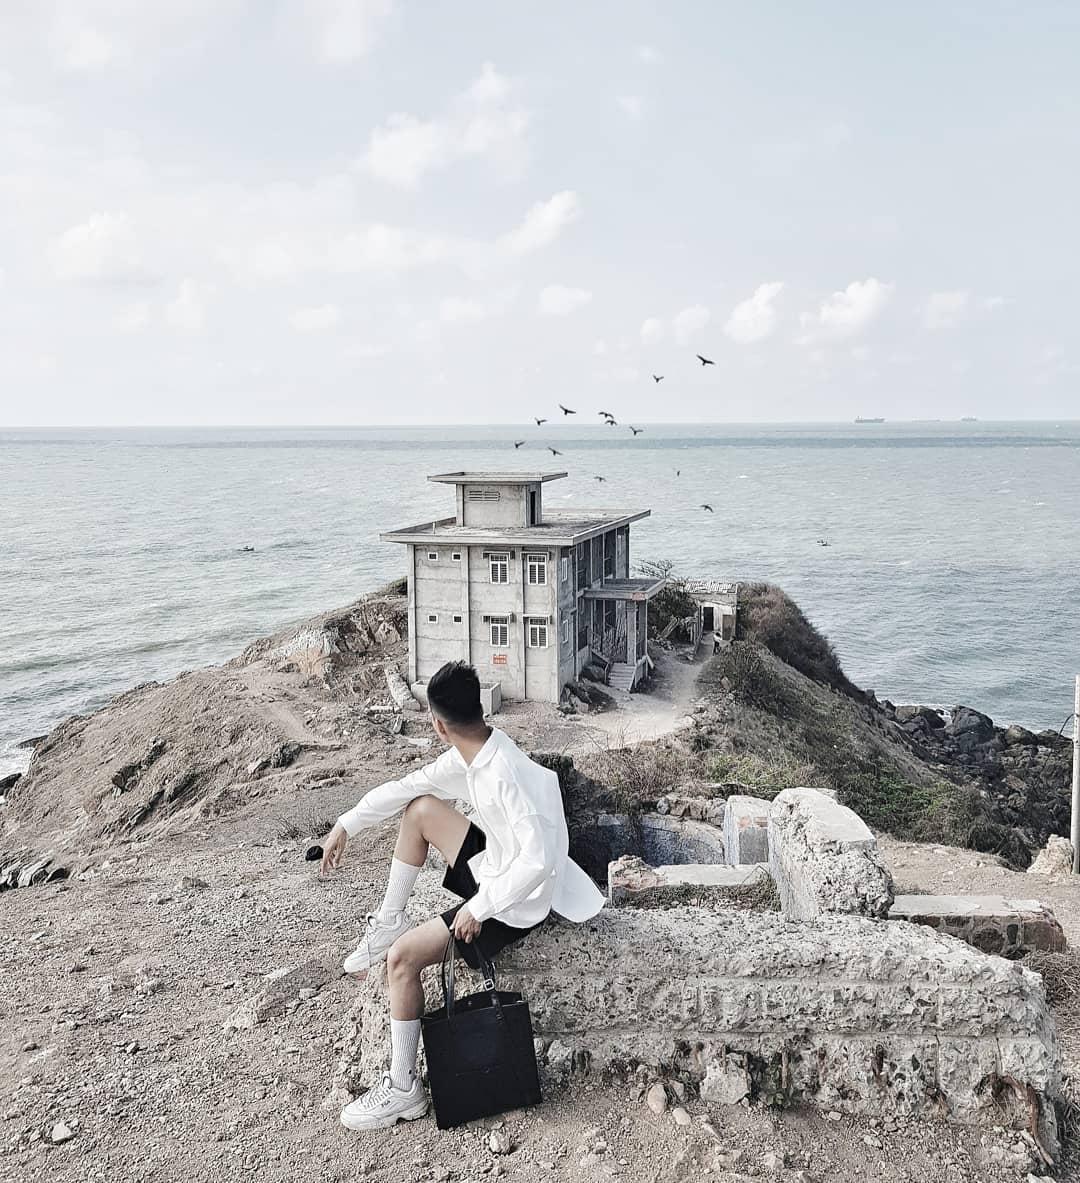 Khu du lịch mũi Nghinh Phong Vũng Tàu